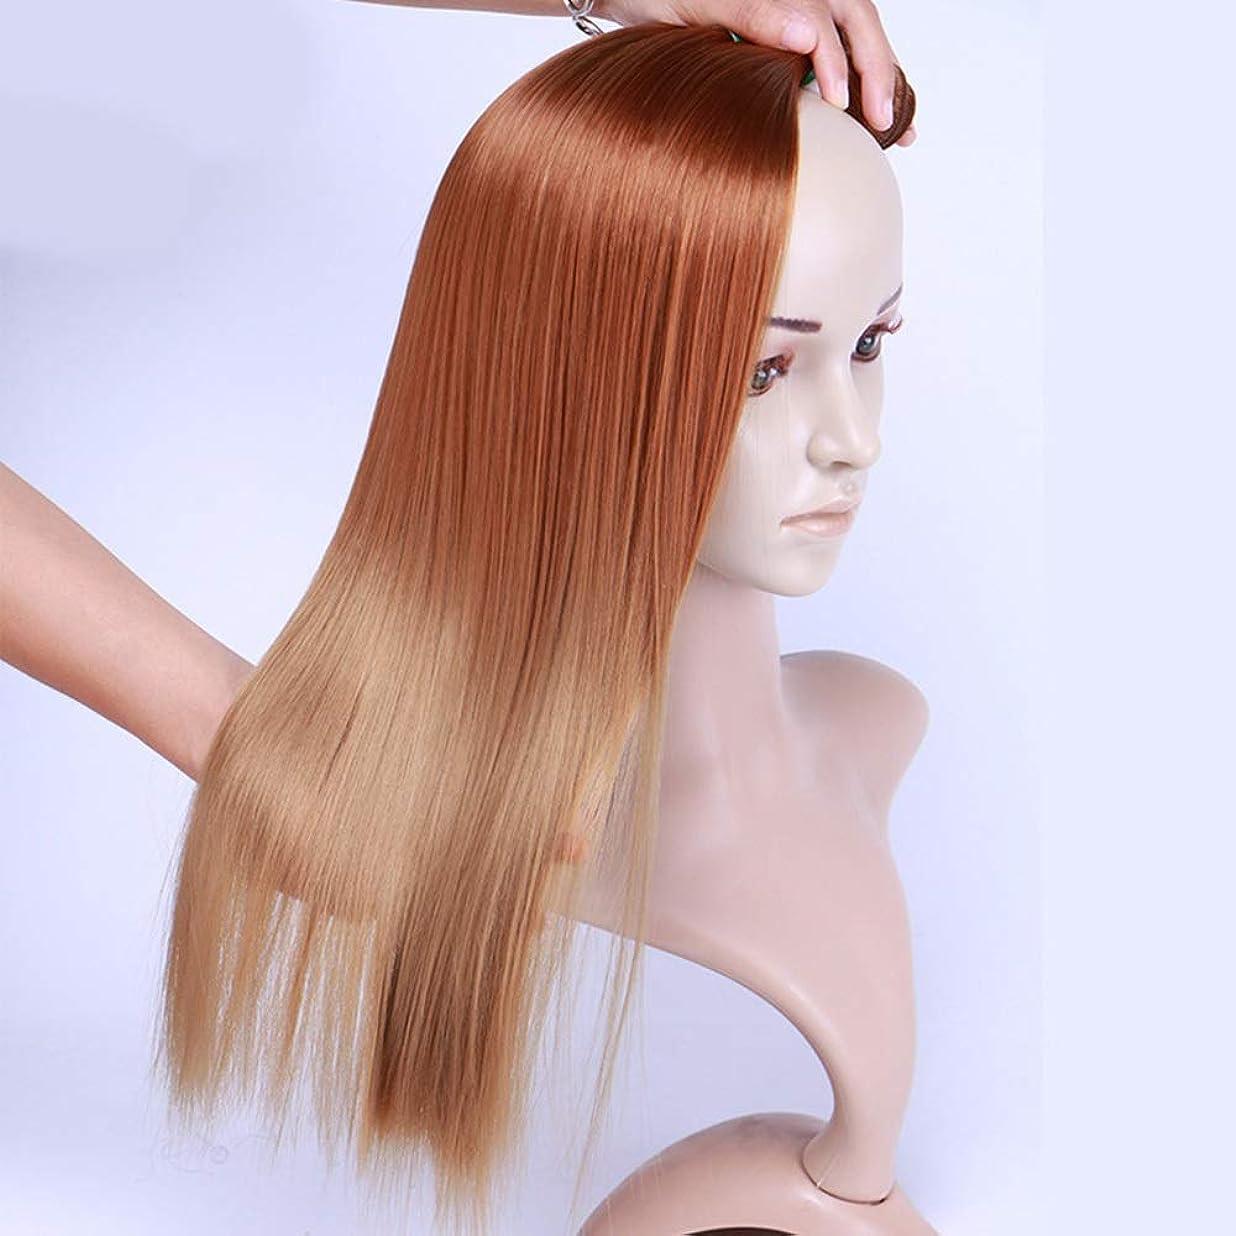 施設キラウエア山カートリッジBOBIDYEE 絹のようなストレートの髪織り3バンドルヘアエクステンション - 女性のための茶色がかった黄色の人工毛レースのかつらロールプレイングウィッグロングとショートの女性自然 (色 : Brownish yellow, サイズ : 18